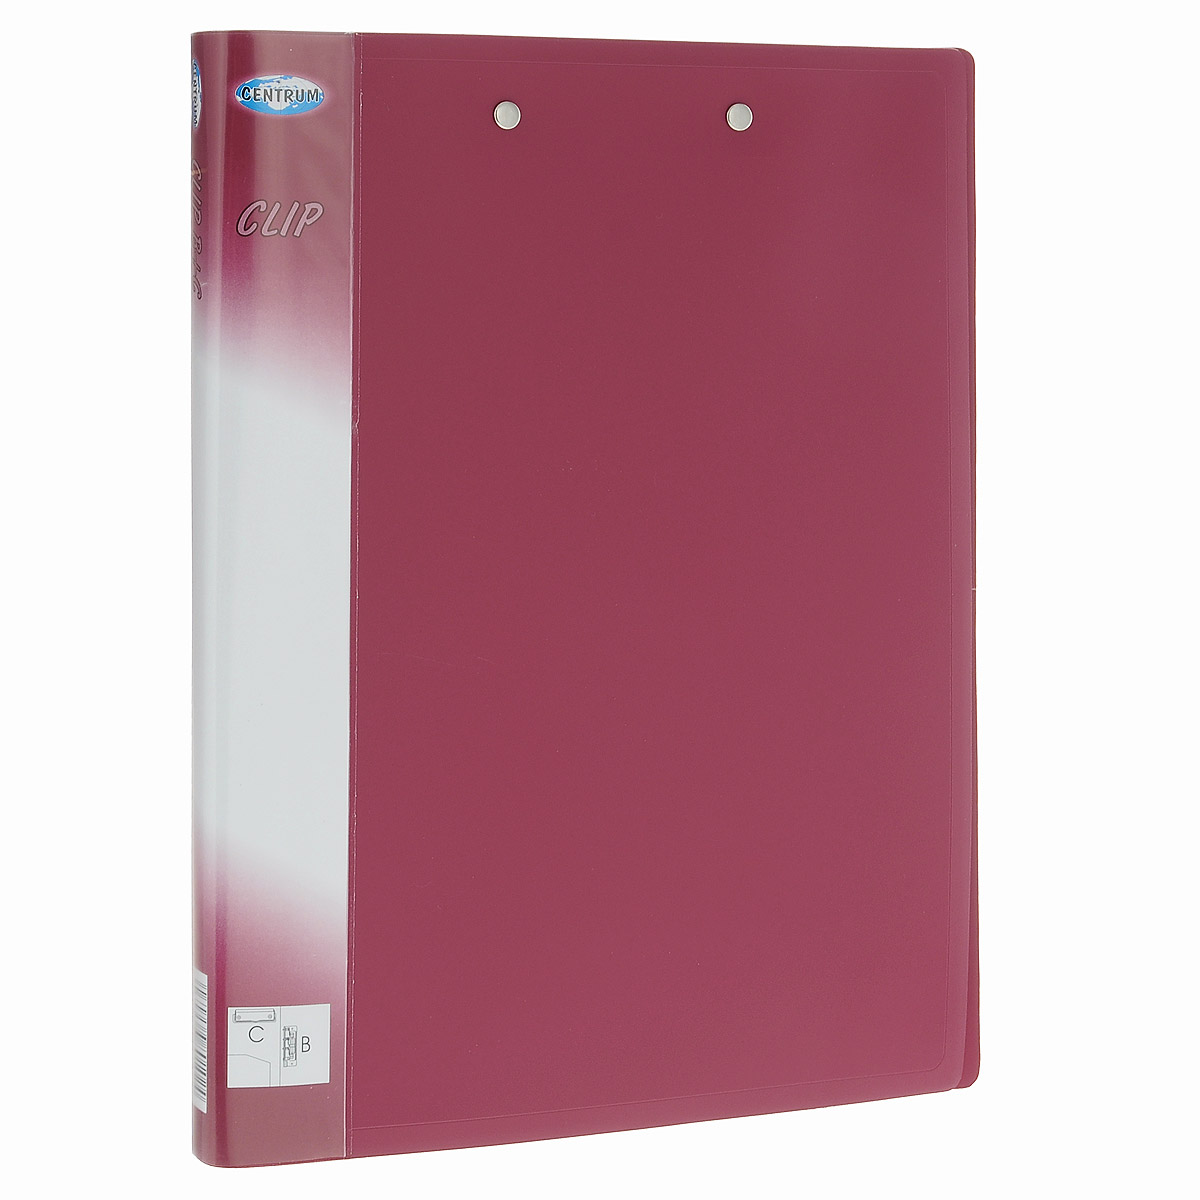 Centrum Папка Clip с боковым и верхним зажимами цвет красныйFS-36052Папка для бумаг Centrum Clip с верхним пружинным механизмом крепления листов и боковым рычажным зажимом изготовлена из прочного пластика красного цвета. Благодаря совершенной технологии производства папка не подвергается воздействию низкой температуры, не деформируется и не ломается при изгибе и транспортировке.Папка специально предназначена для хранения перфорированных листов формата А4.